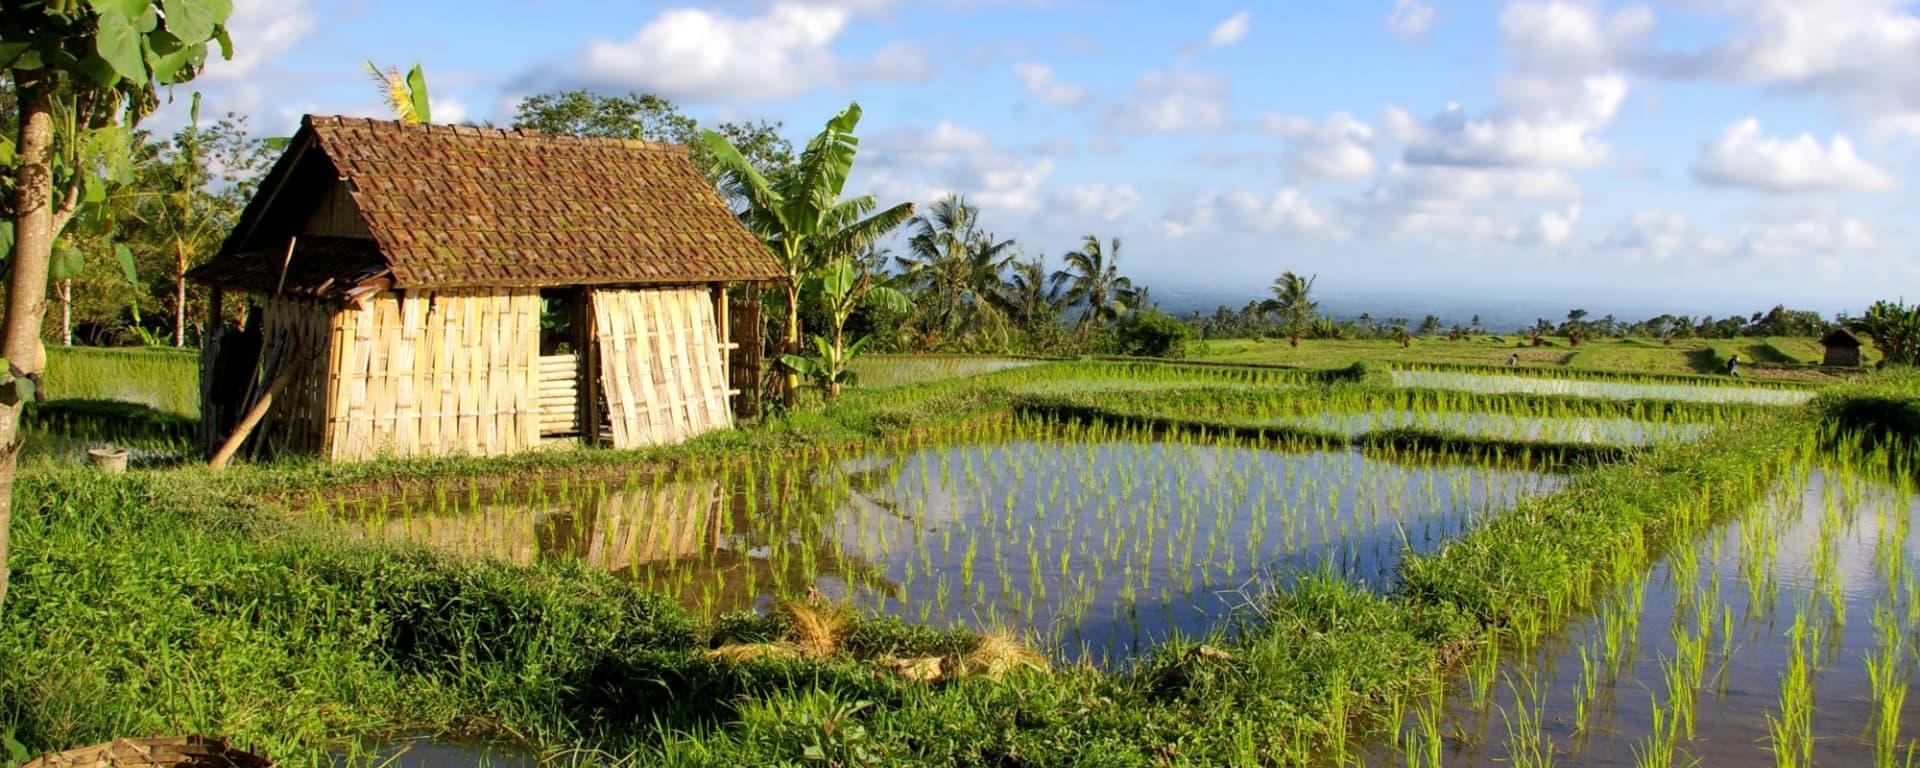 Bali de son propre chef - 1 journée à Sud de Bali: Bali Rice Fields